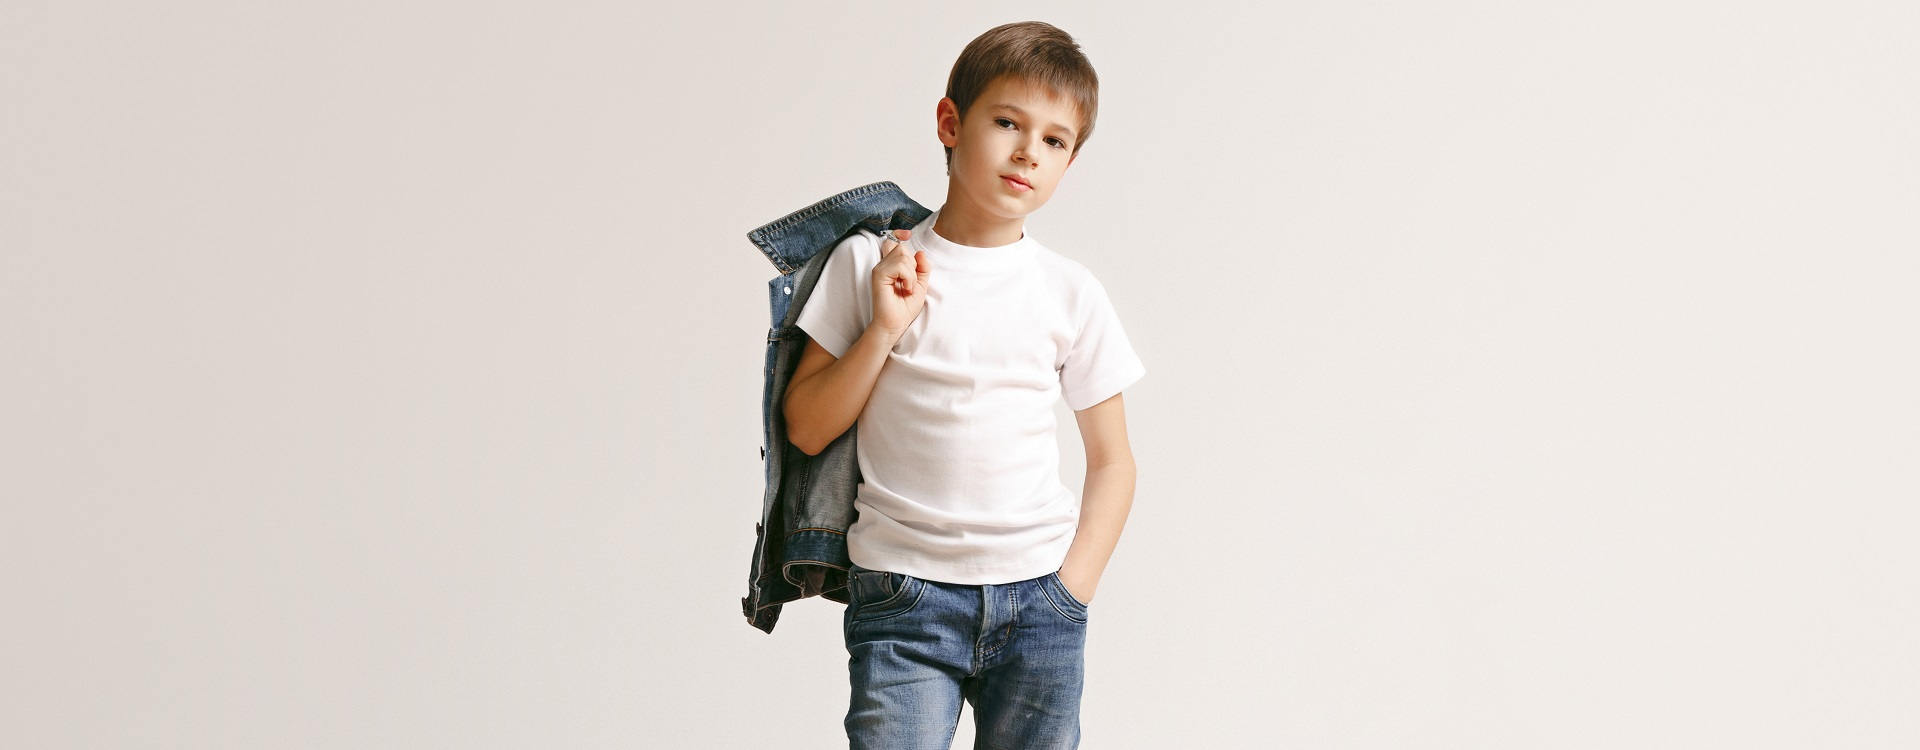 Thời trang trẻ em - những chú ý khi lựa chọn - Dokids